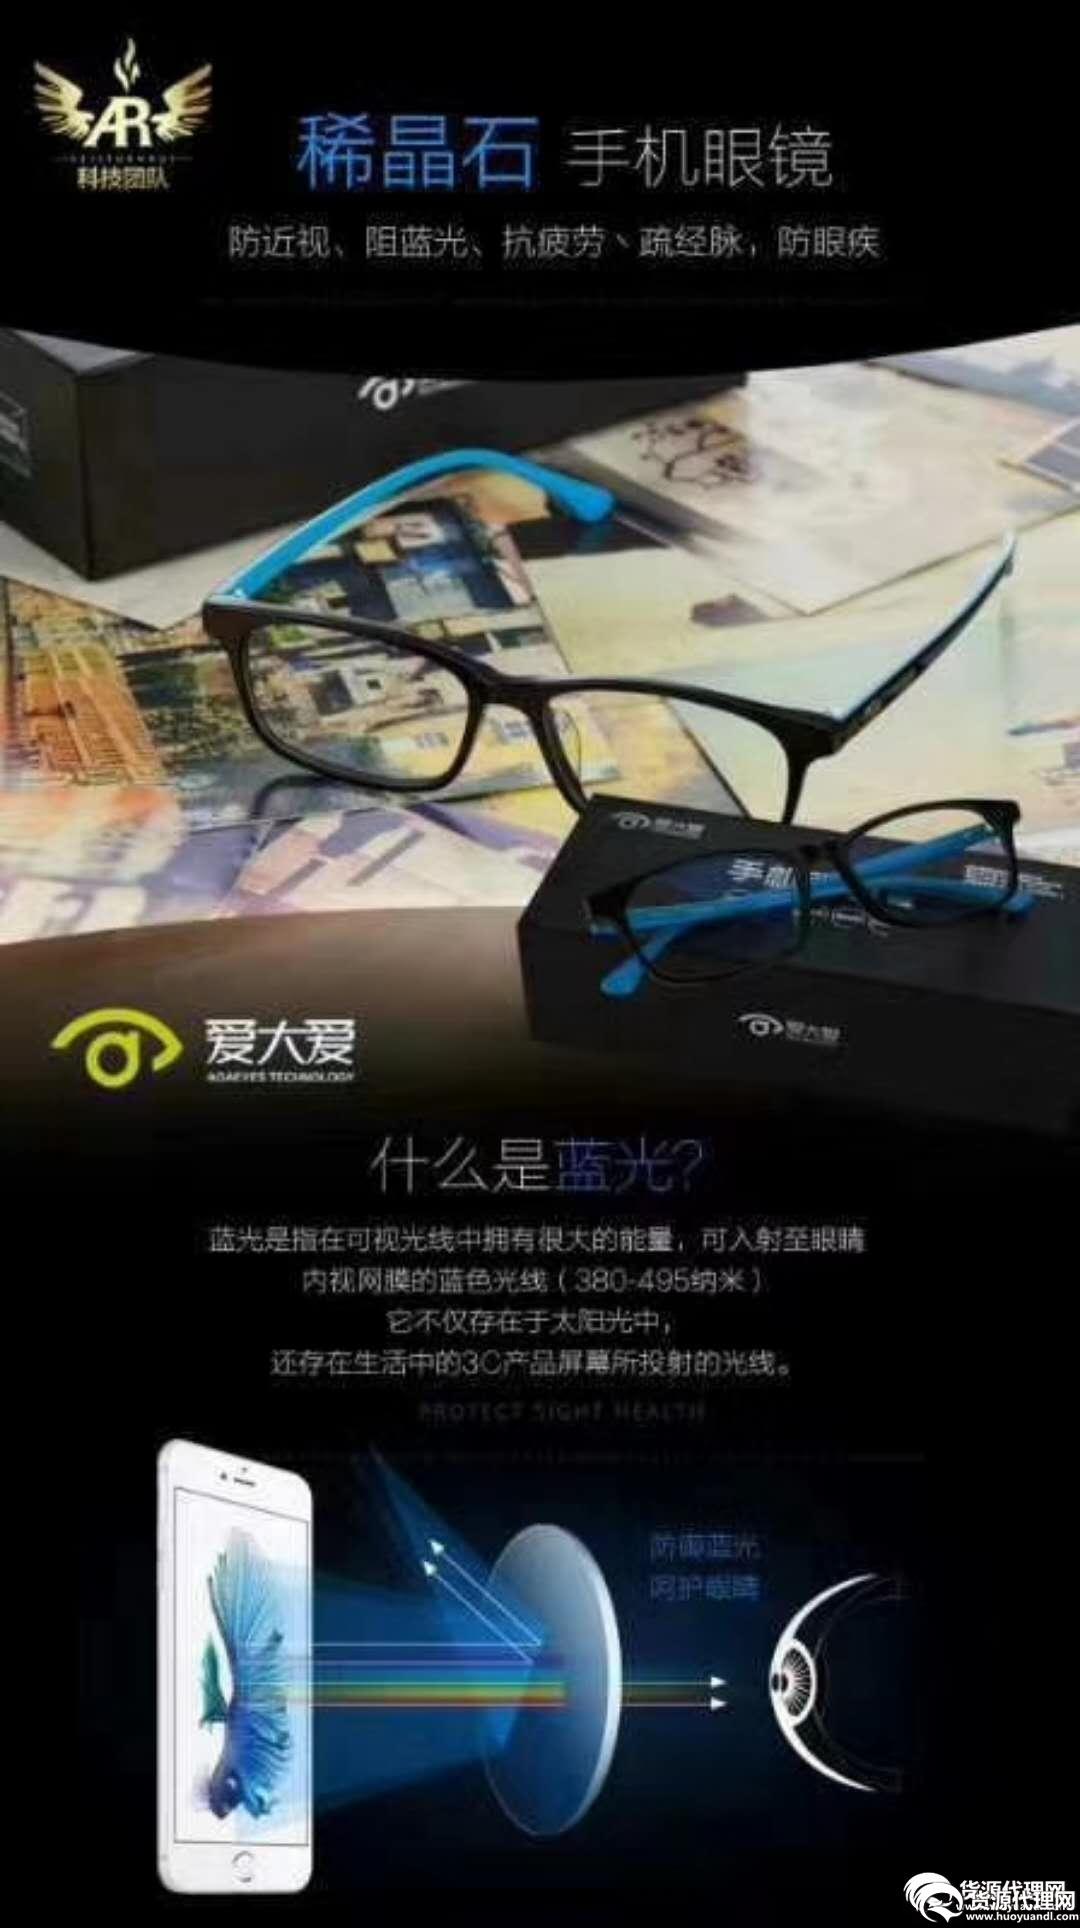 爱大爱手机眼镜怎么做代理,爱大爱手机眼镜微信代理价格表